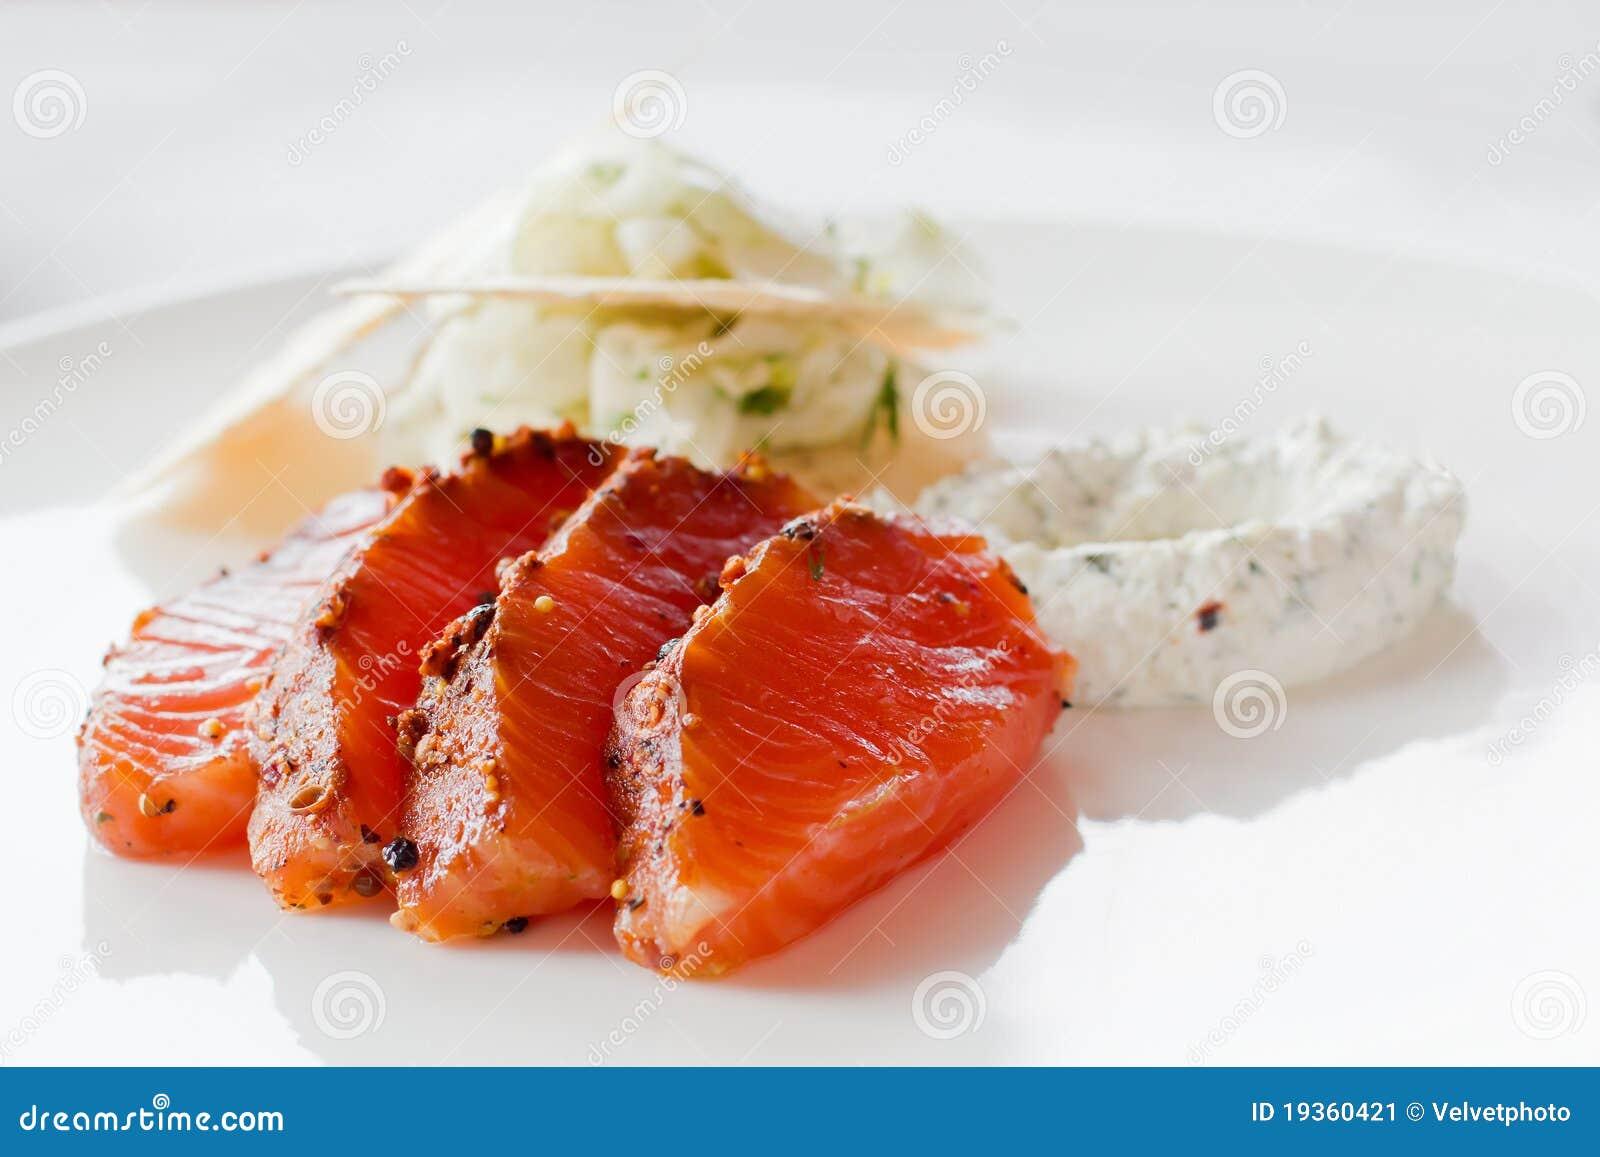 Refeição salmon psta de conserva